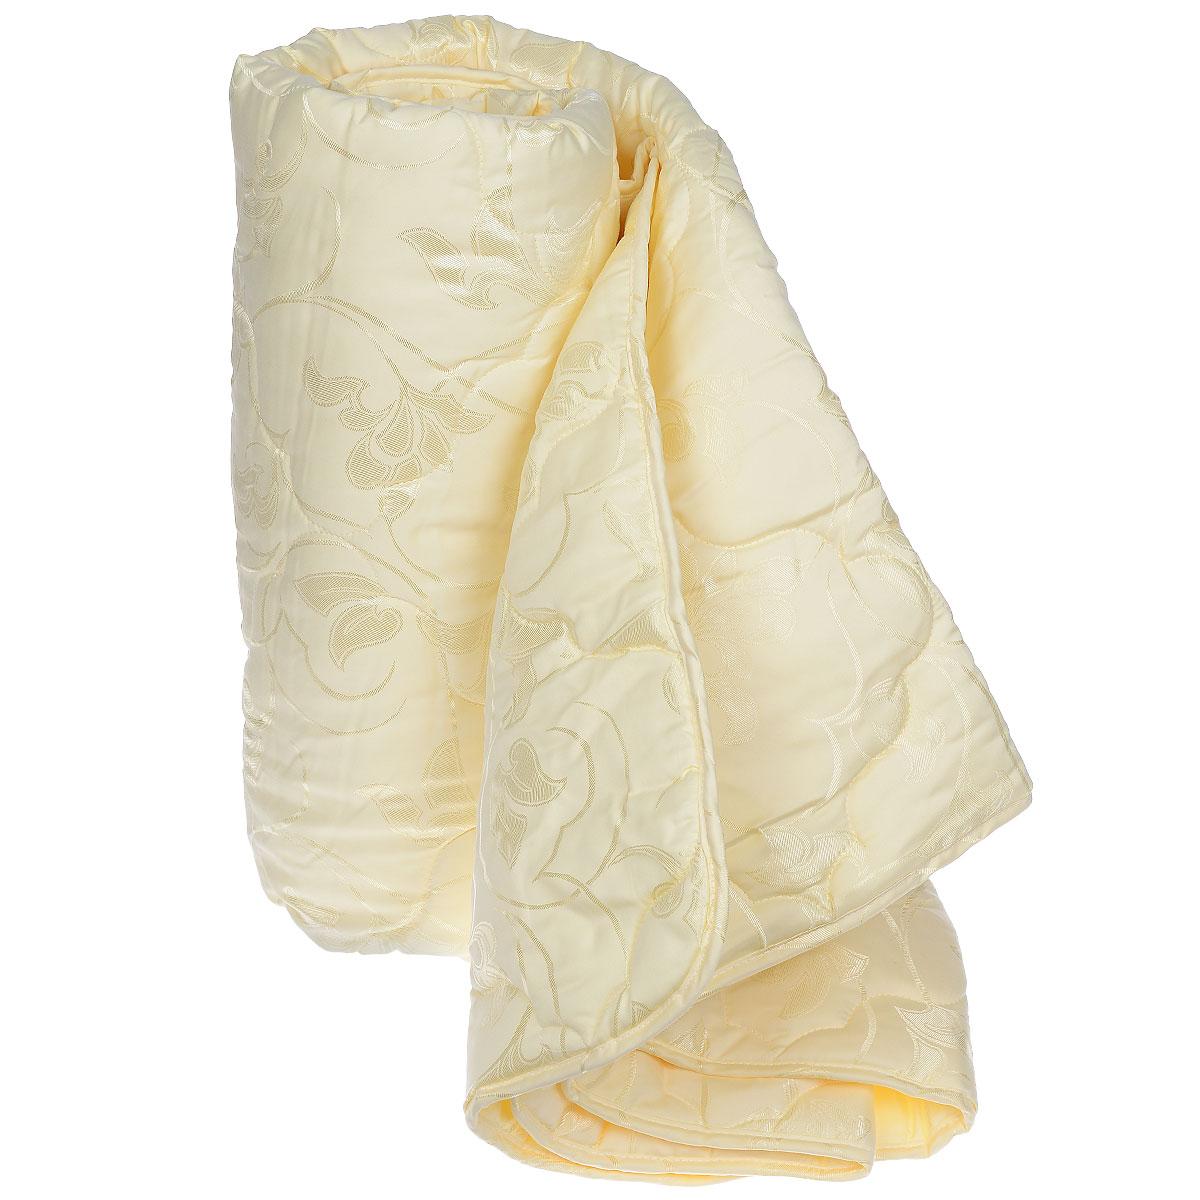 Одеяло Sova & Javoronok, наполнитель: шелковое волокно, цвет: бежевый, 140 см х 205 см156969Чехол одеяла Sova & Javoronok выполнен из благородного сатина бежевого цвета. Наполнитель - натуральное шелковое волокно.Особенности наполнителя: - обладает высокими сорбционными свойствами, создавая эффект сухого тепла; - регулирует температурный режим; - не вызывает аллергических реакций. Шелк всегда считался одним из самых элитных и роскошных материалов. Очень нежный, легкий, шелк отлично приспосабливается к температуре тела и окружающей среды. Летом с подушкой из шелка вы чувствуете прохладу, зимой - приятное тепло. В натуральном шелке не заводится и не живет пылевой клещ, также шелк обладает бактериостатическими свойствами (в нем не размножаются патогенные бактерии), в нем не живут и не размножаются грибки и сапрофиты. Натуральный шелк гипоаллергенен и рекомендован людям с аллергическими реакциями. При впитывании шелком влаги до 30% от собственного веса он остается сухим на ощупь. Натуральный шелк не электризуется. Одеяло Sova & Javoronok упакована в тканно-пластиковый чехол на змейке с ручками, что является чрезвычайно удобным при переноске.Рекомендации по уходу:- Стирка запрещена,- Нельзя отбеливать. При стирке не использовать средства, содержащие отбеливатели (хлор),- Не гладить. Не применять обработку паром,- Химчистка с использованием углеводорода, хлорного этилена,- Нельзя выжимать и сушить в стиральной машине. Размер одеяла: 140 см х 205 см.Материал чехла: сатин (100% хлопок). Материал наполнителя: шелковое волокно.